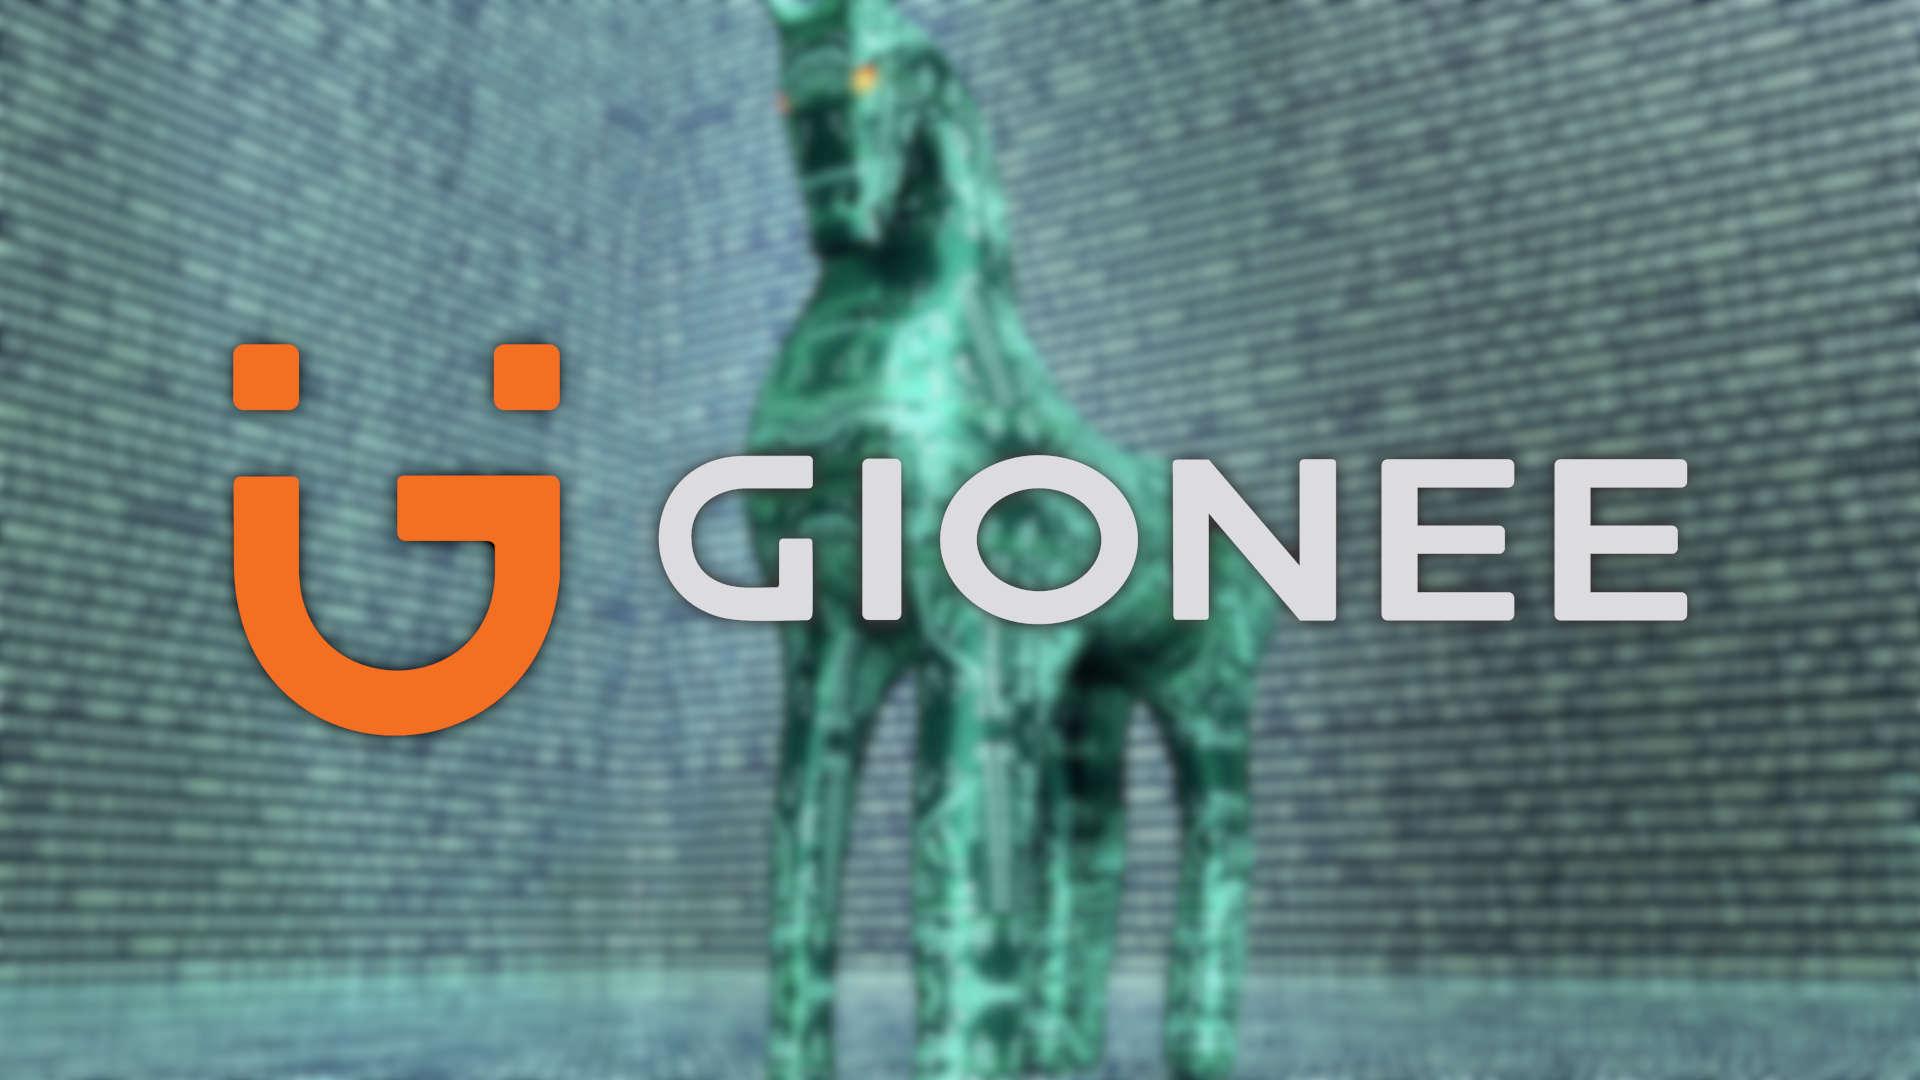 Gionee condannata: trojan in più di 20 milioni di telefoni - GizChina.it